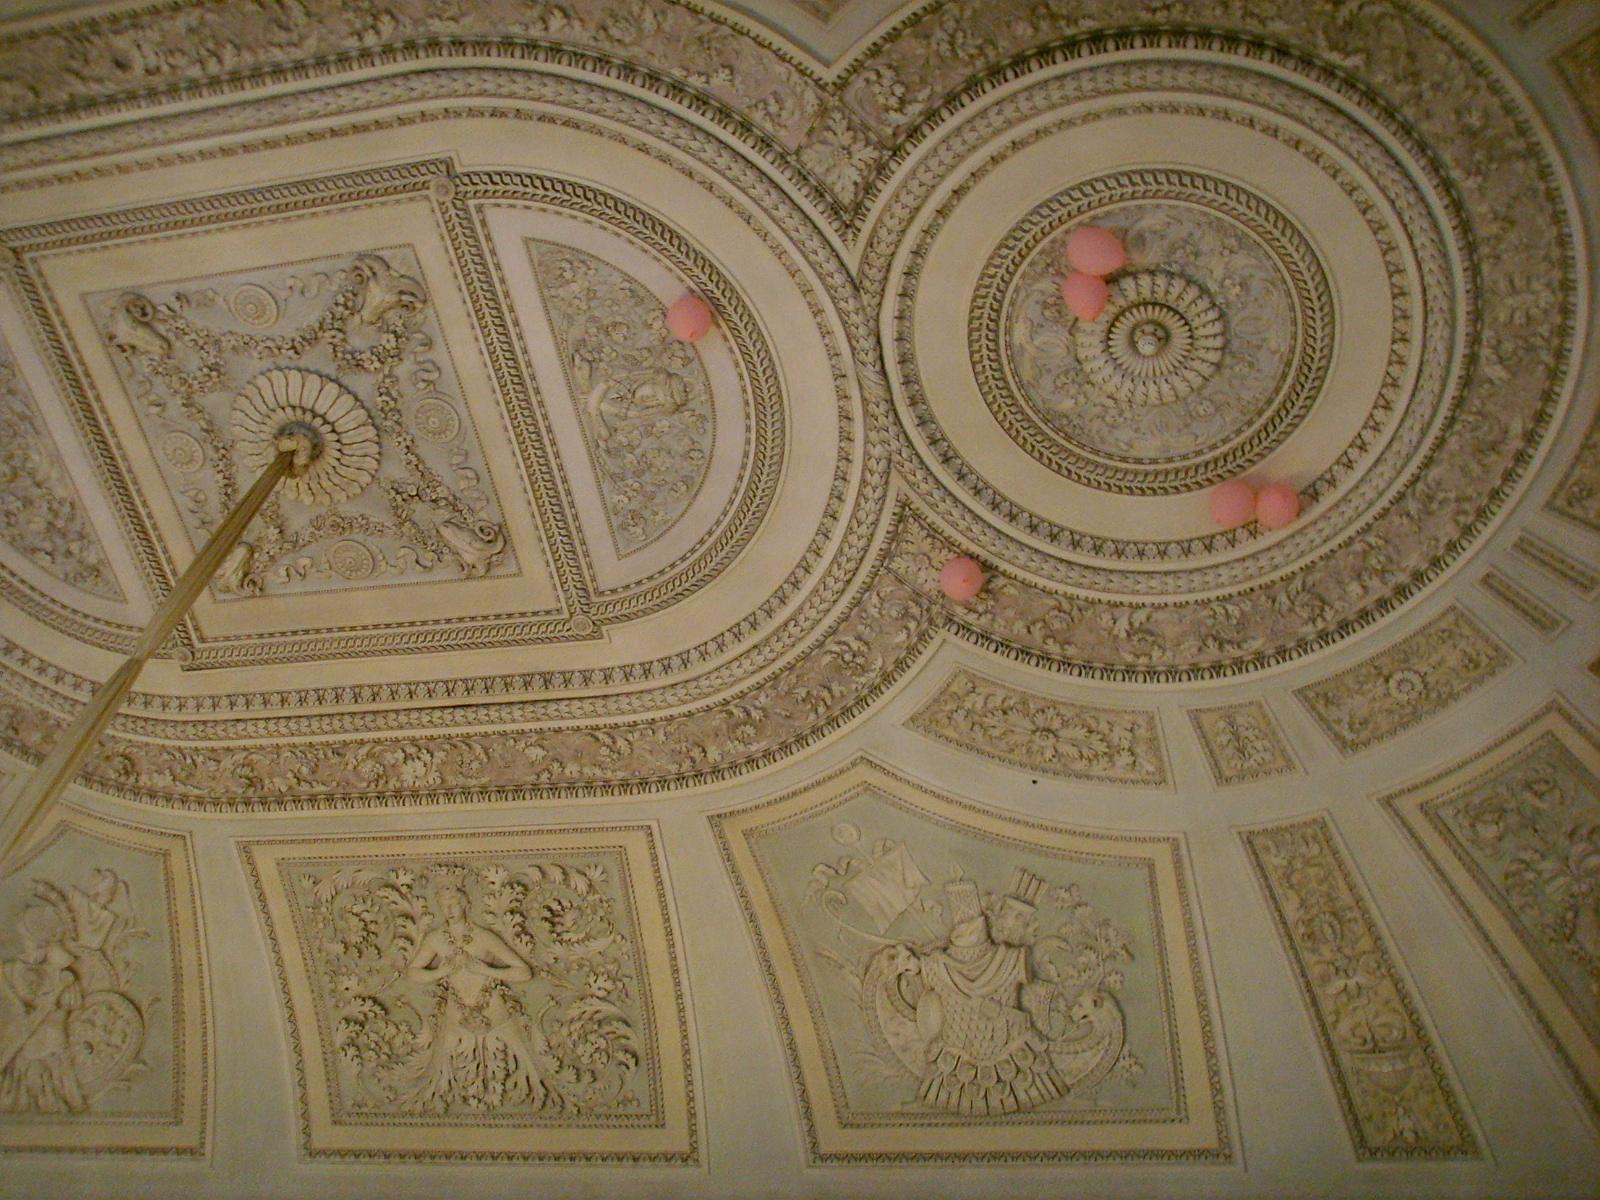 File:Villa di Poggio Imperiale, salone delle feste, stucchi 03.JPG - Wikipedia